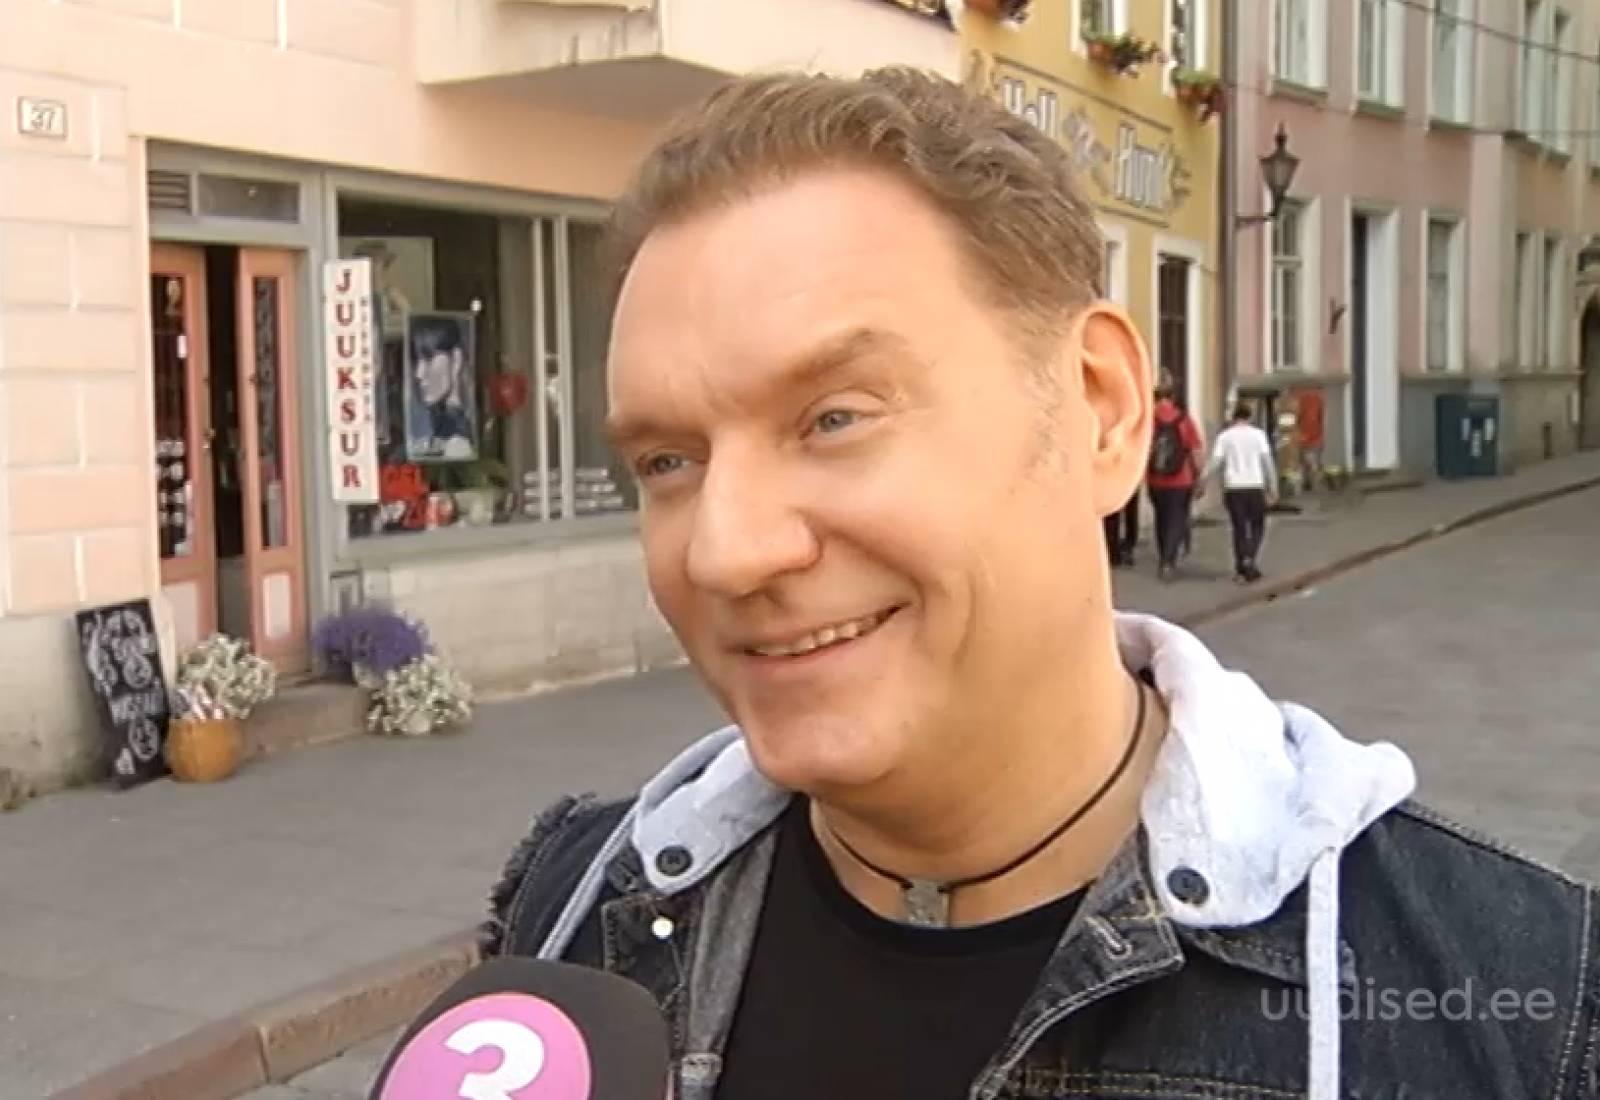 """VIDEO I """"Maskis laulja"""" saatejuht Mart Sander: isegi mina ei tea, kes seal osalevad või mis täpselt toimuma hakkab"""